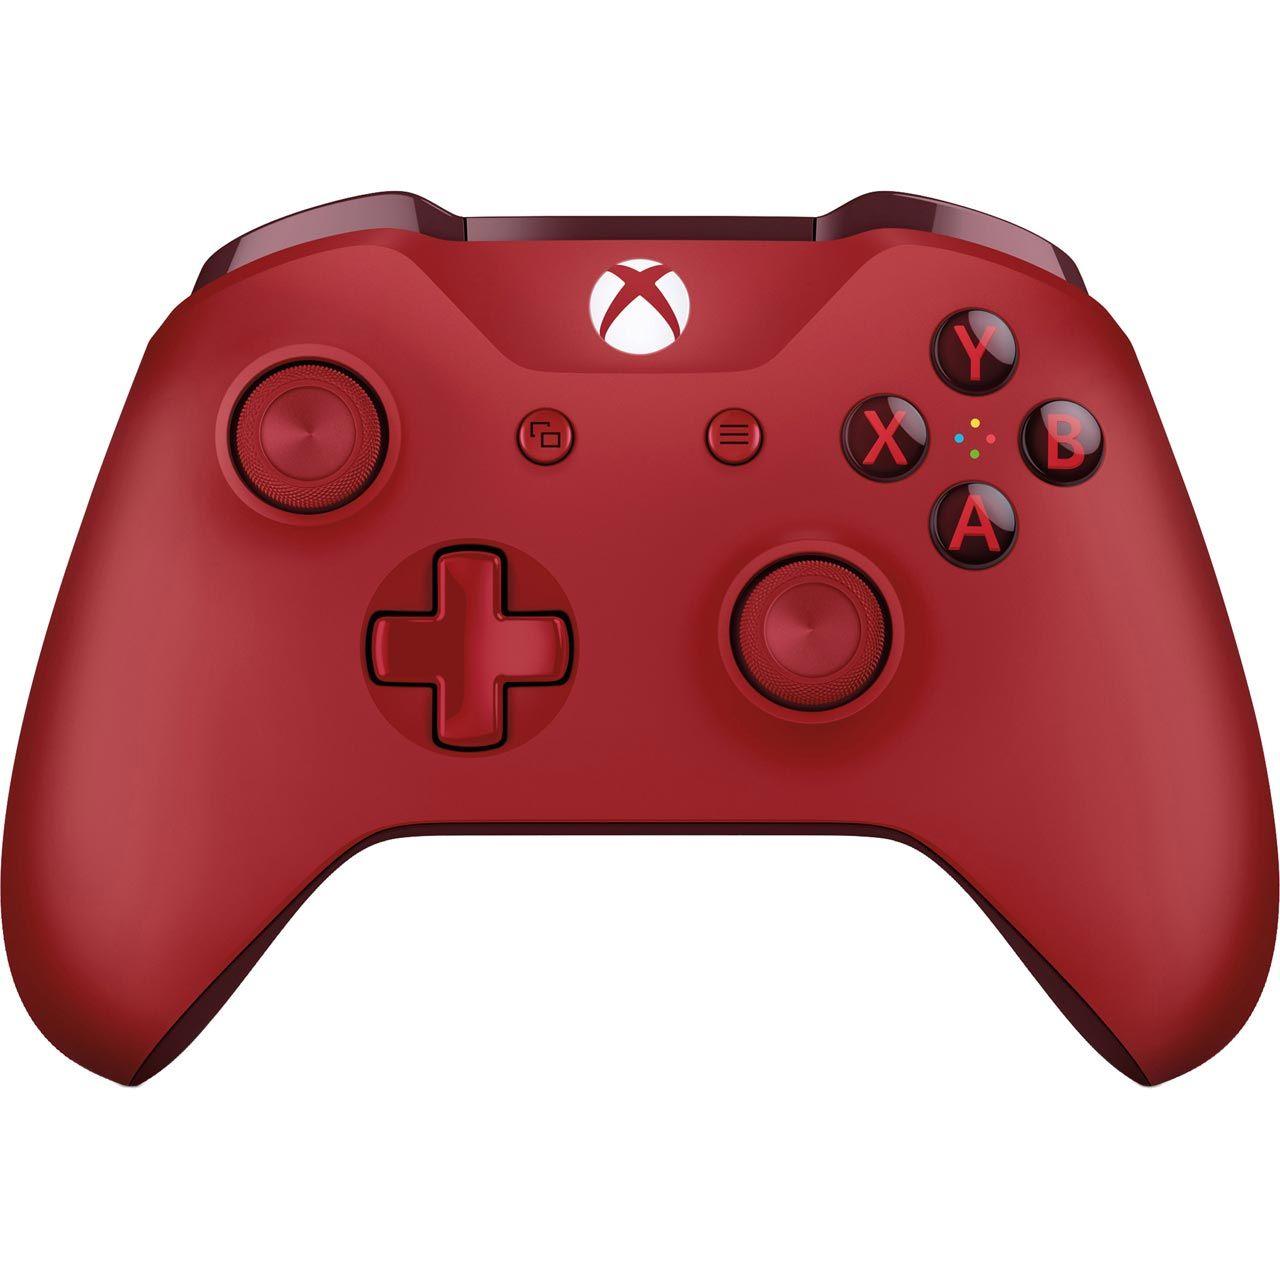 Xbox one Red controller £45 @ AO.com